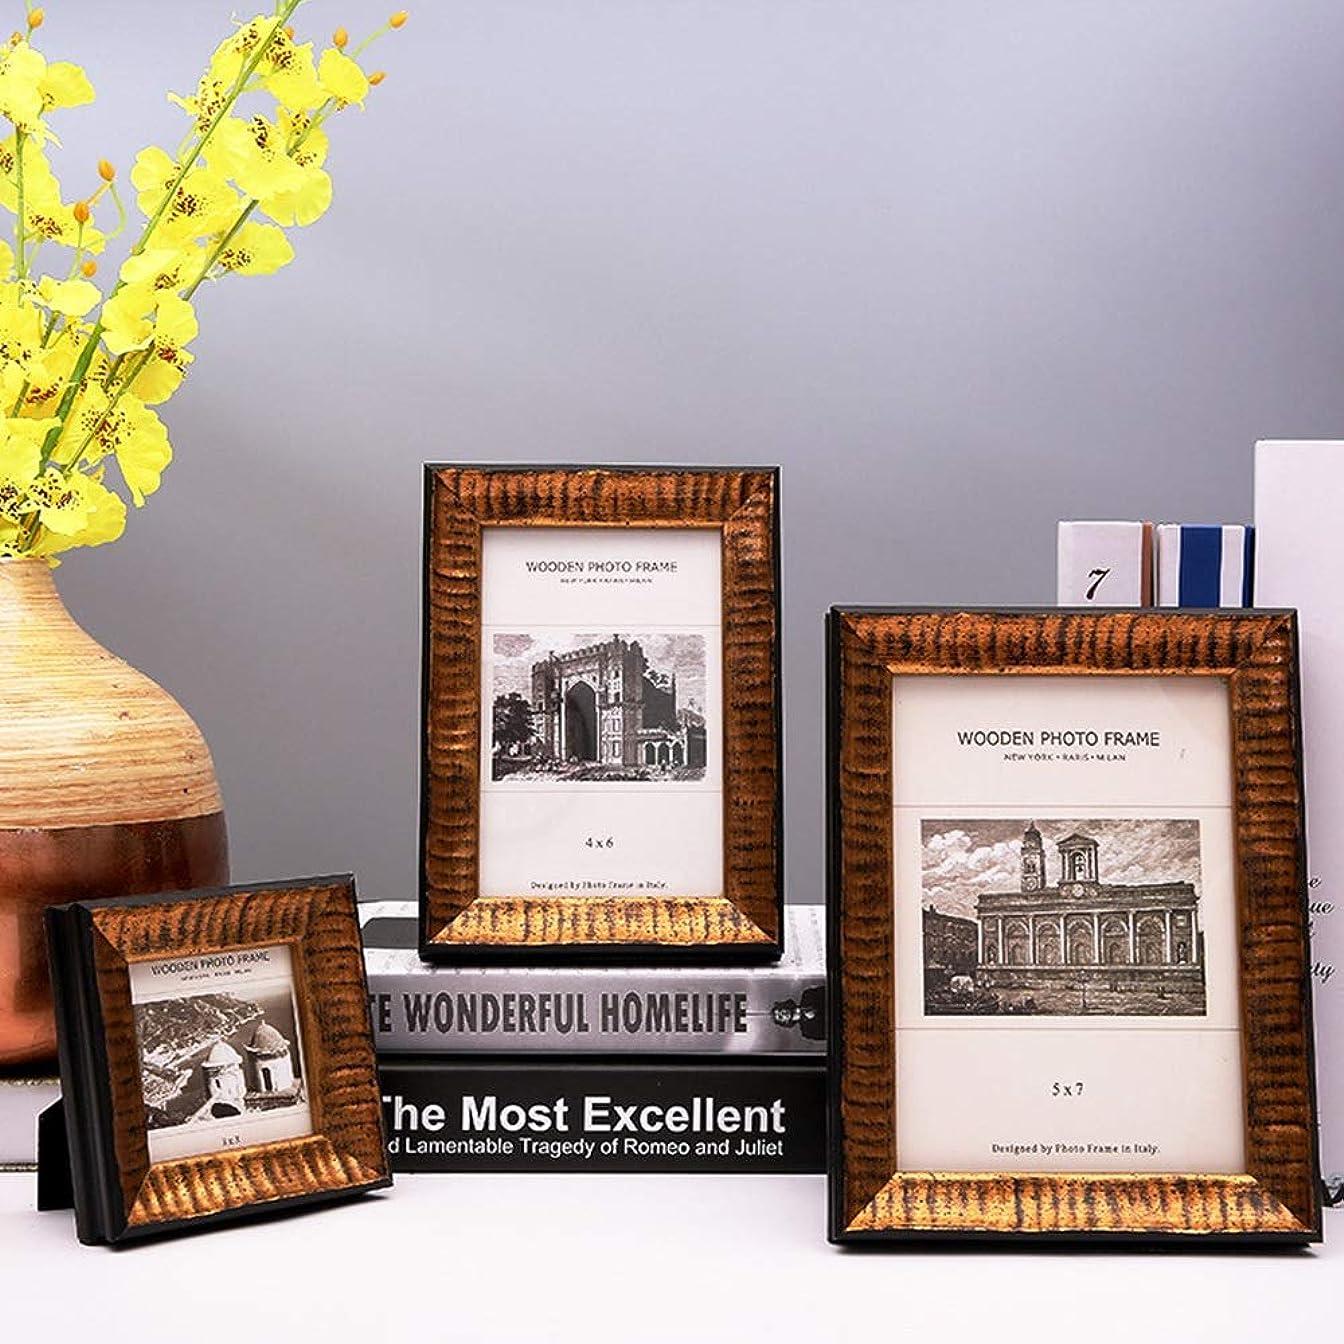 刺激する描写ポゴスティックジャンプLKJASDHL テーブルトップディスプレイと壁取り付け用の純木高精細ガラス製のリビングルーム用木製フォトフレームガーデンフォトウォール (色 : ゴールド, サイズ : 3*3inch)